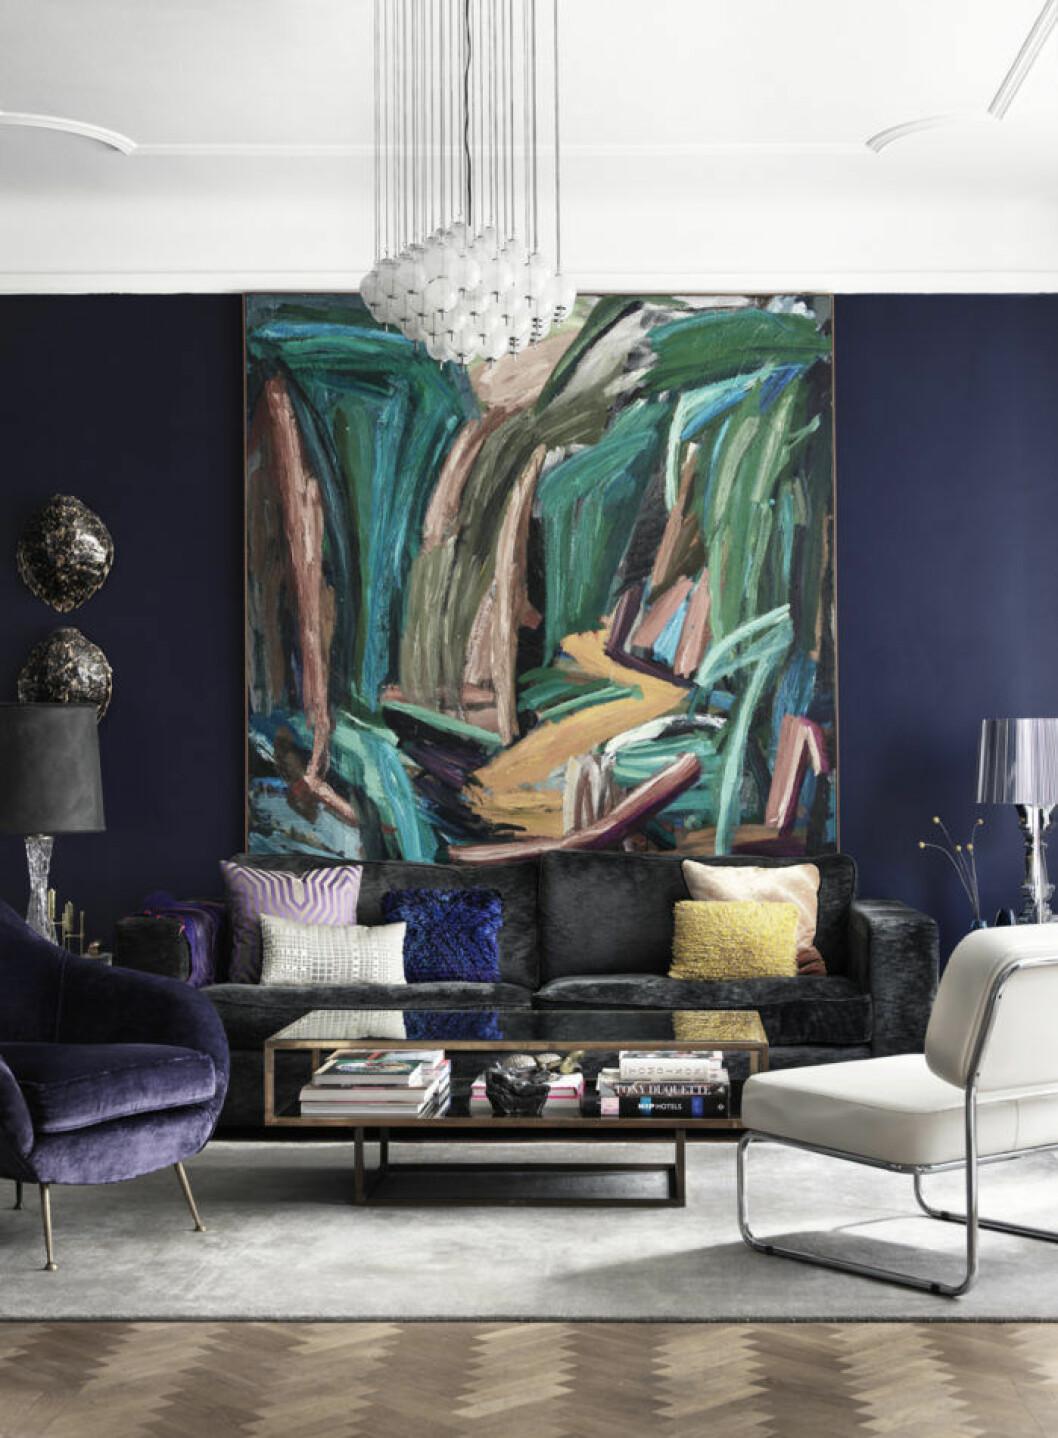 Stor abstrakt tavla i vardagsrum med färgglada sammetskuddar i mörkgrå sammetssoffa.